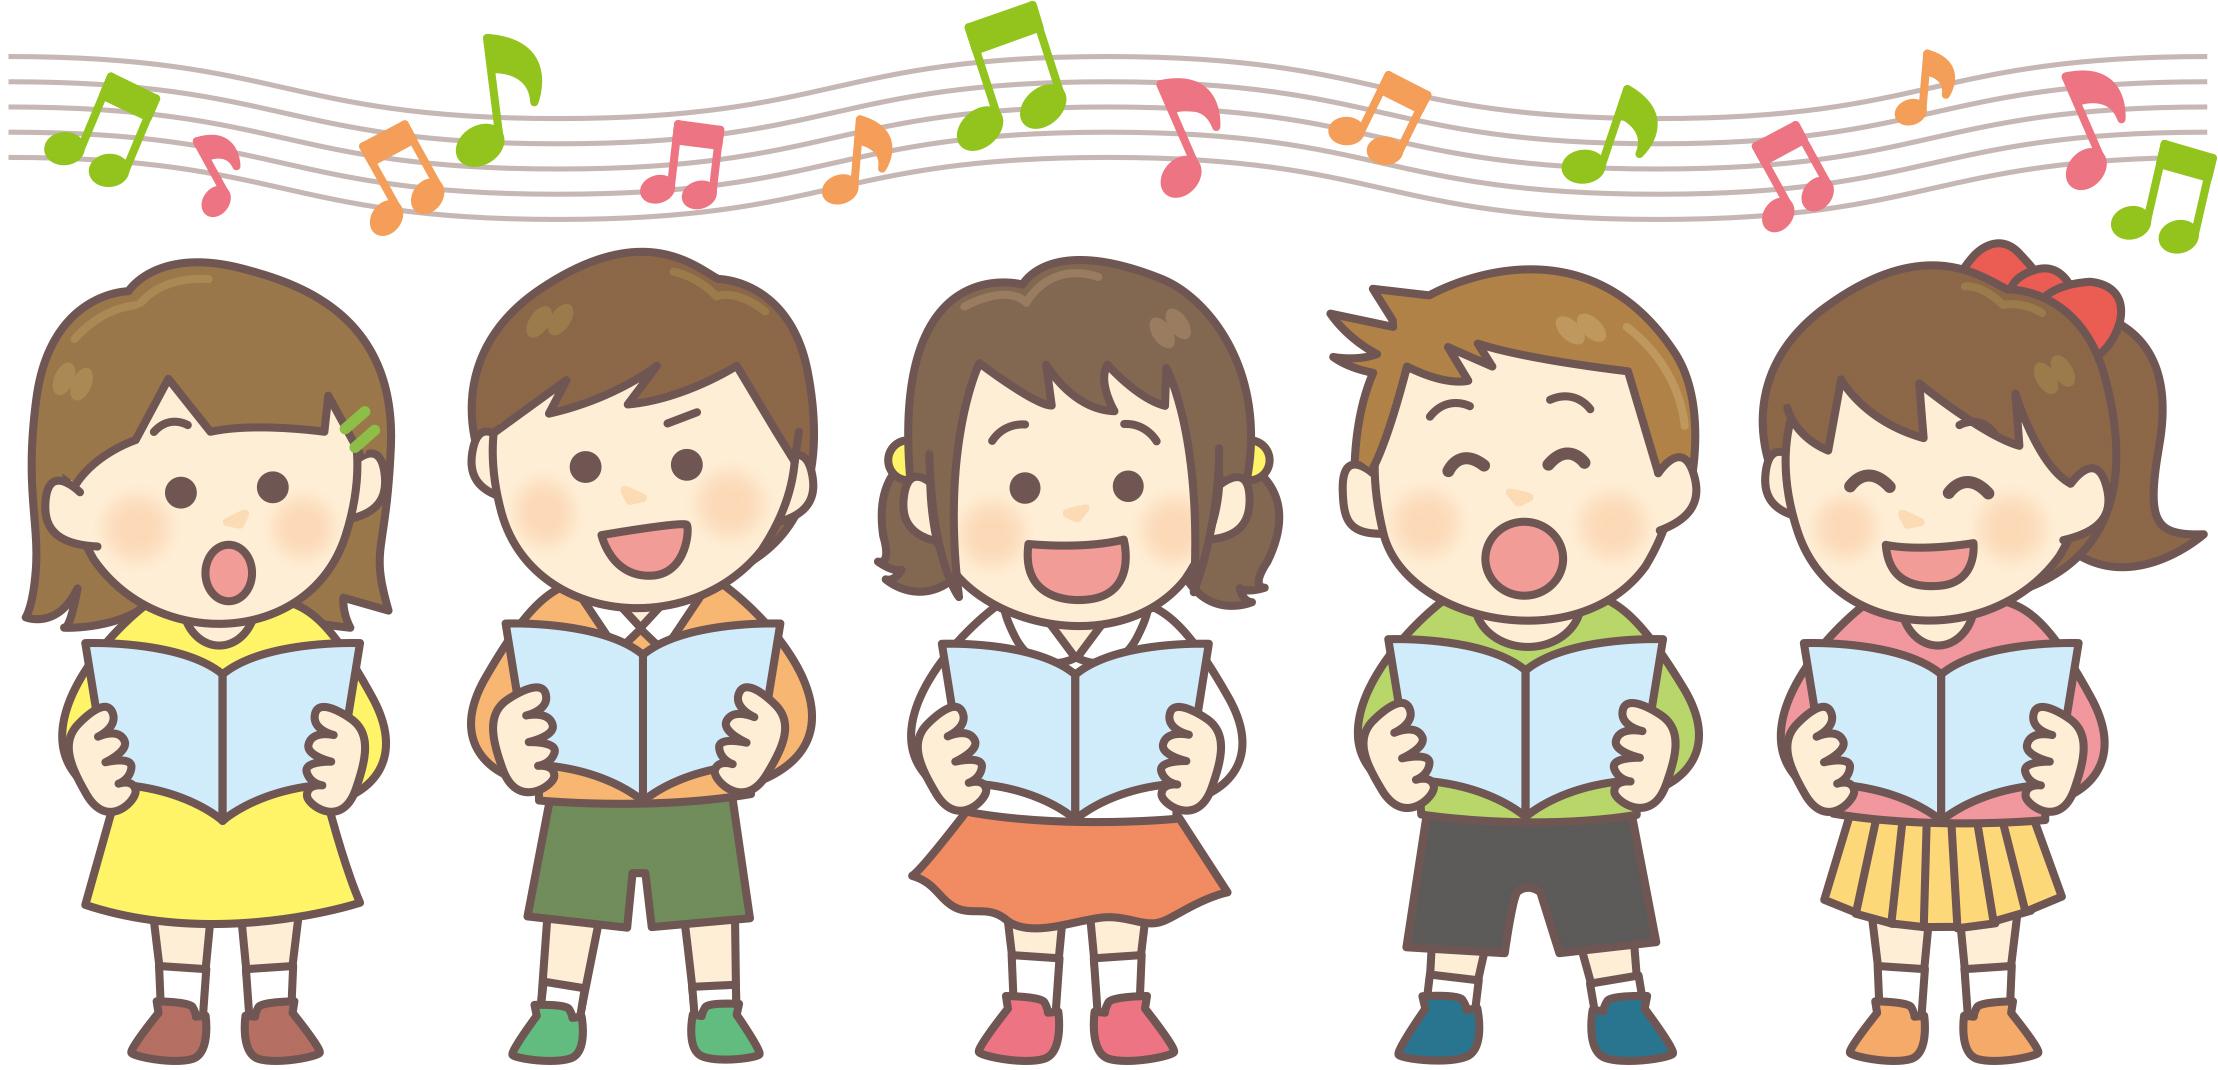 子どもたちが大好き!!サークルタイムで使える歌を紹介しますVol.5-Music&Movement編その2-